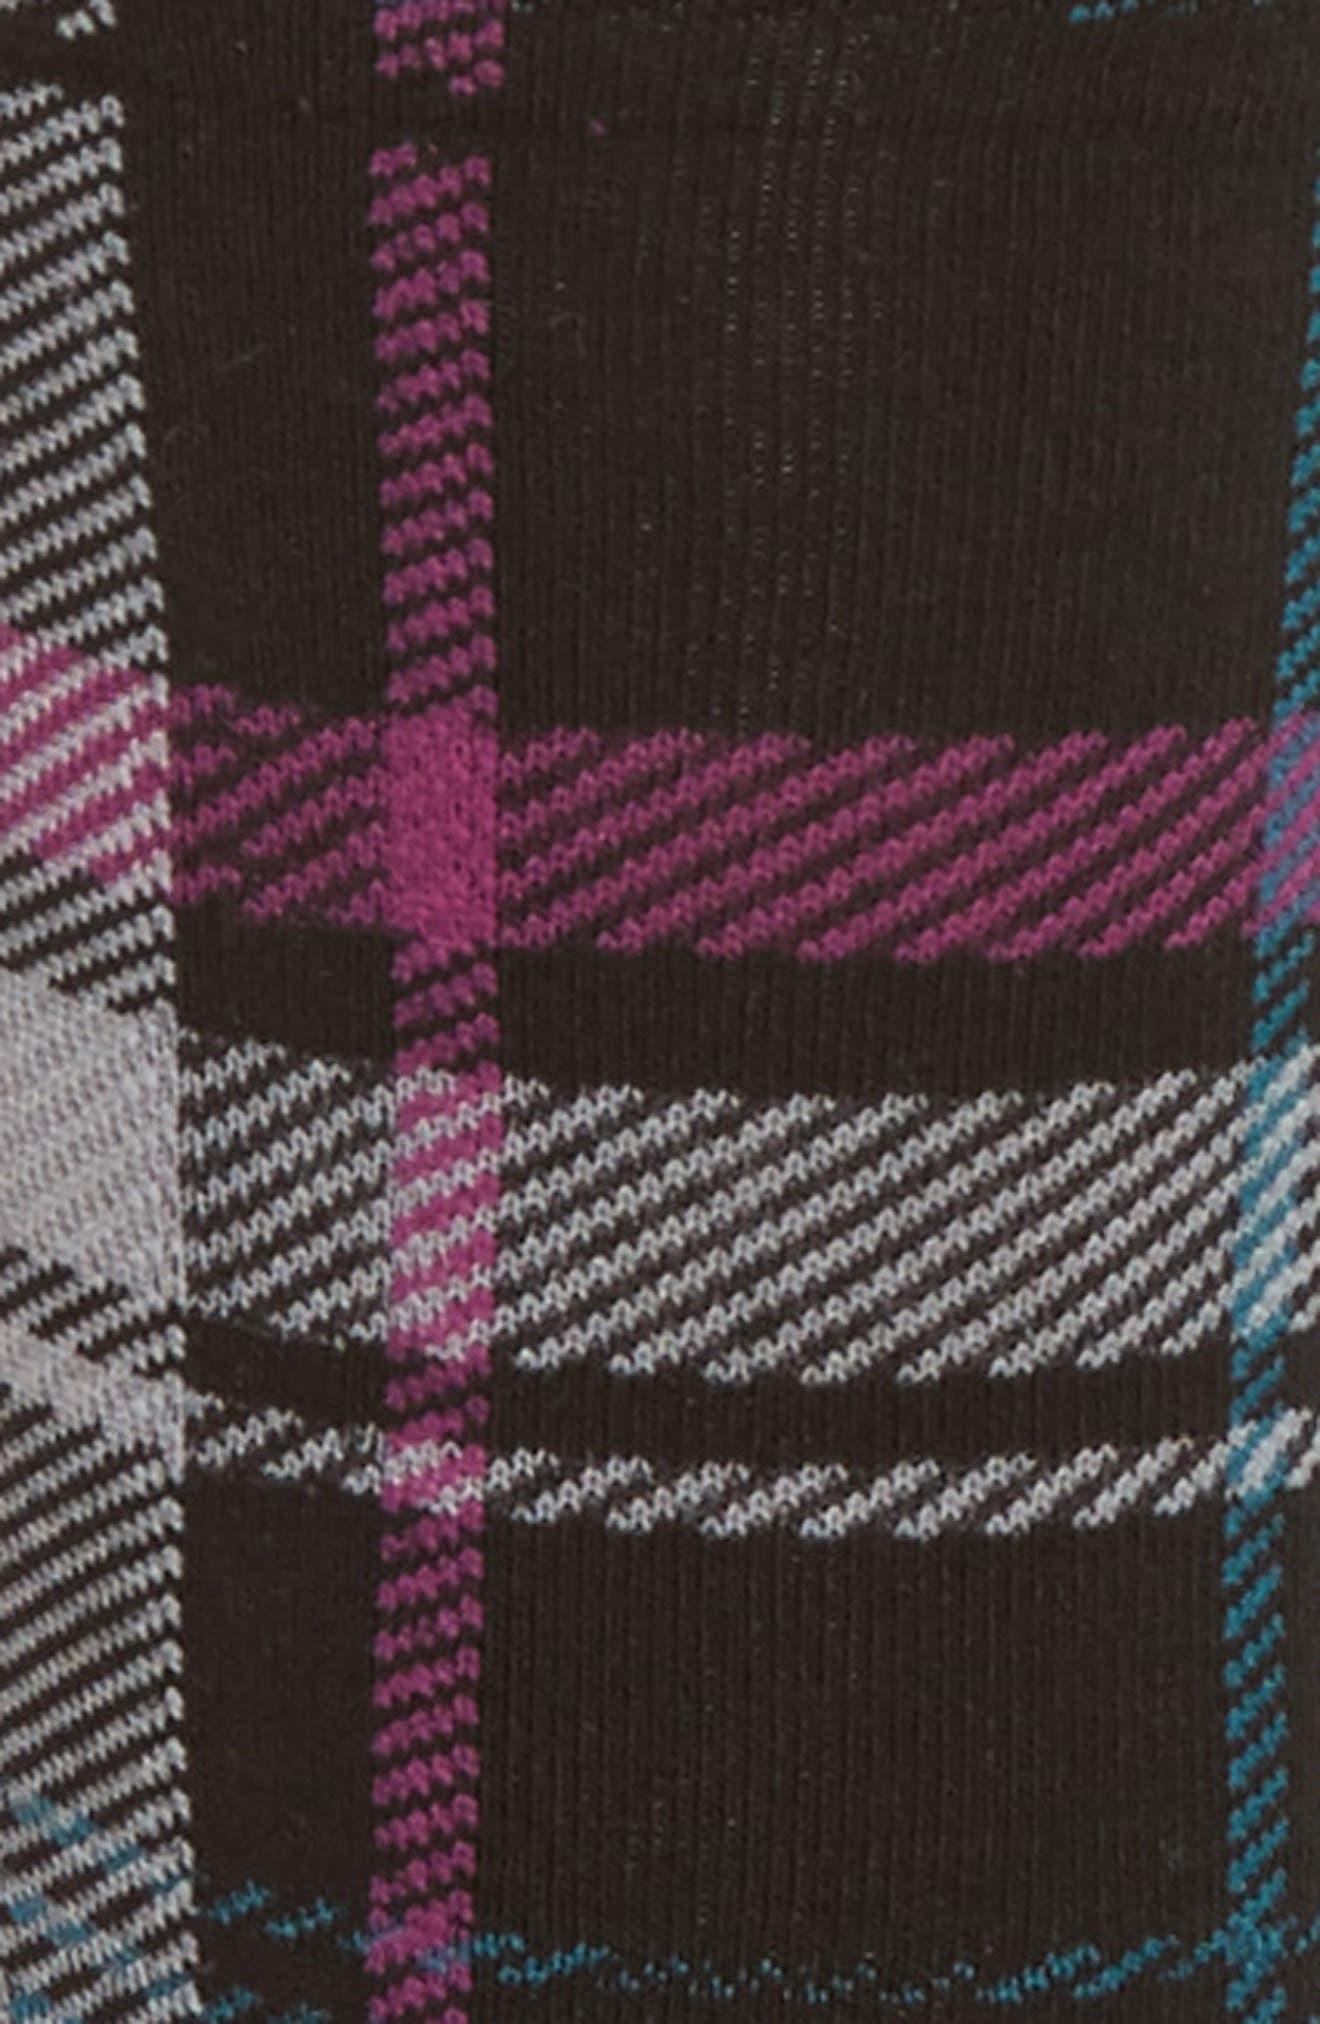 Plaid Flat Knit Socks,                             Alternate thumbnail 2, color,                             001